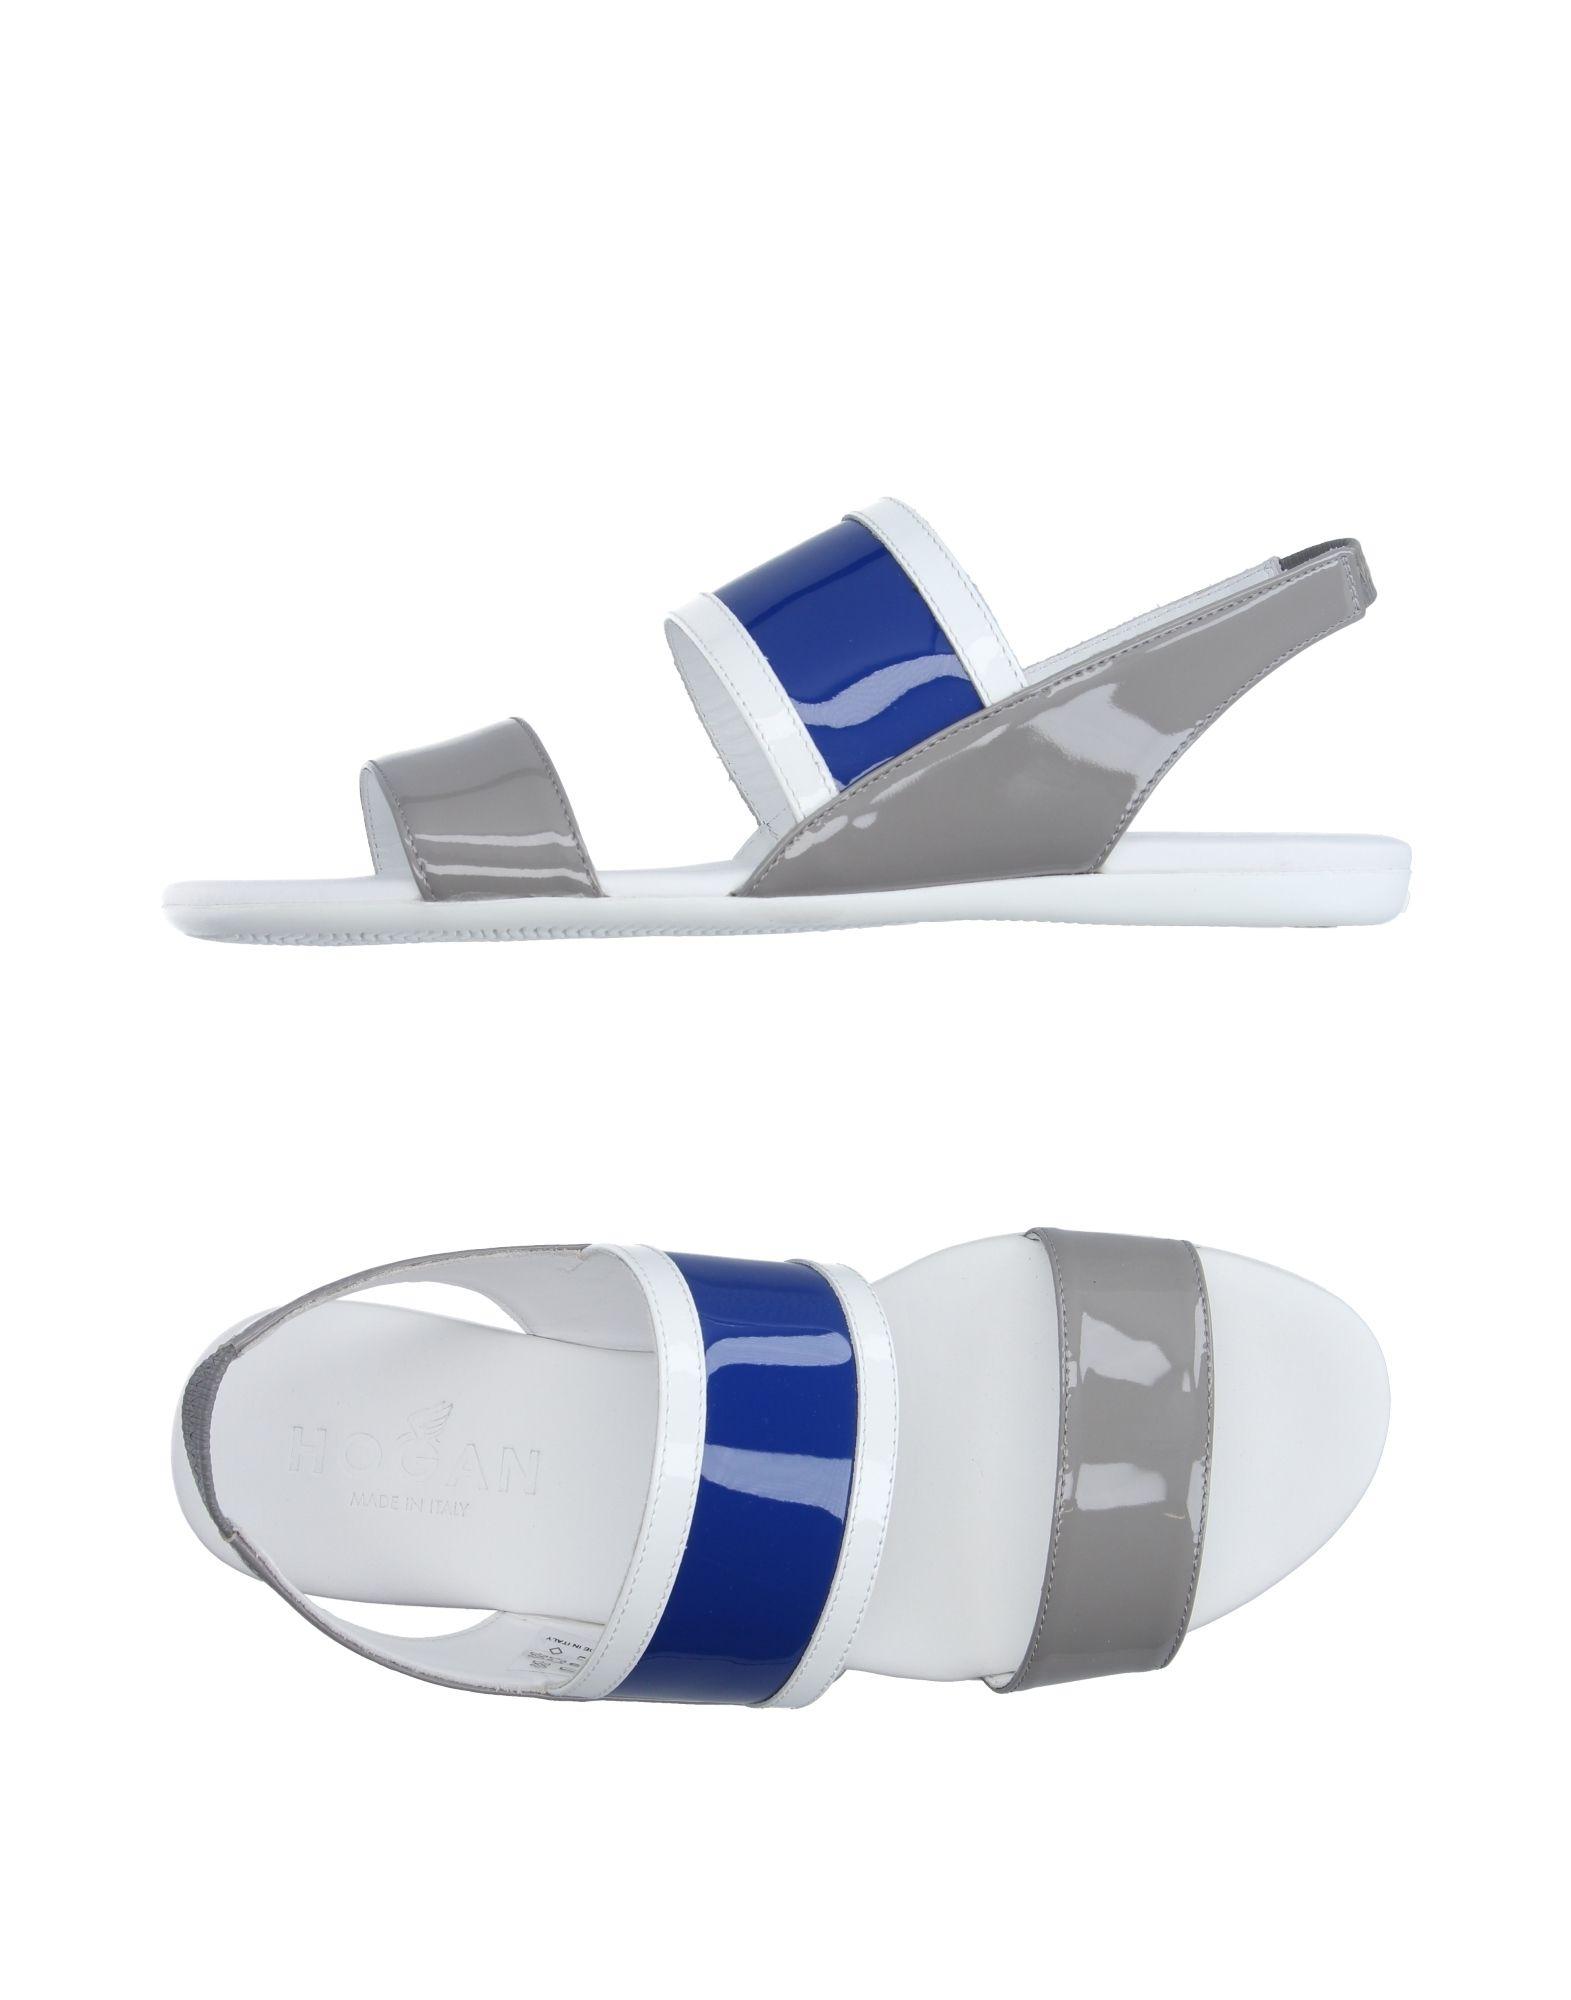 HOGAN Damen Sandale Farbe Grau Größe 6 jetztbilligerkaufen